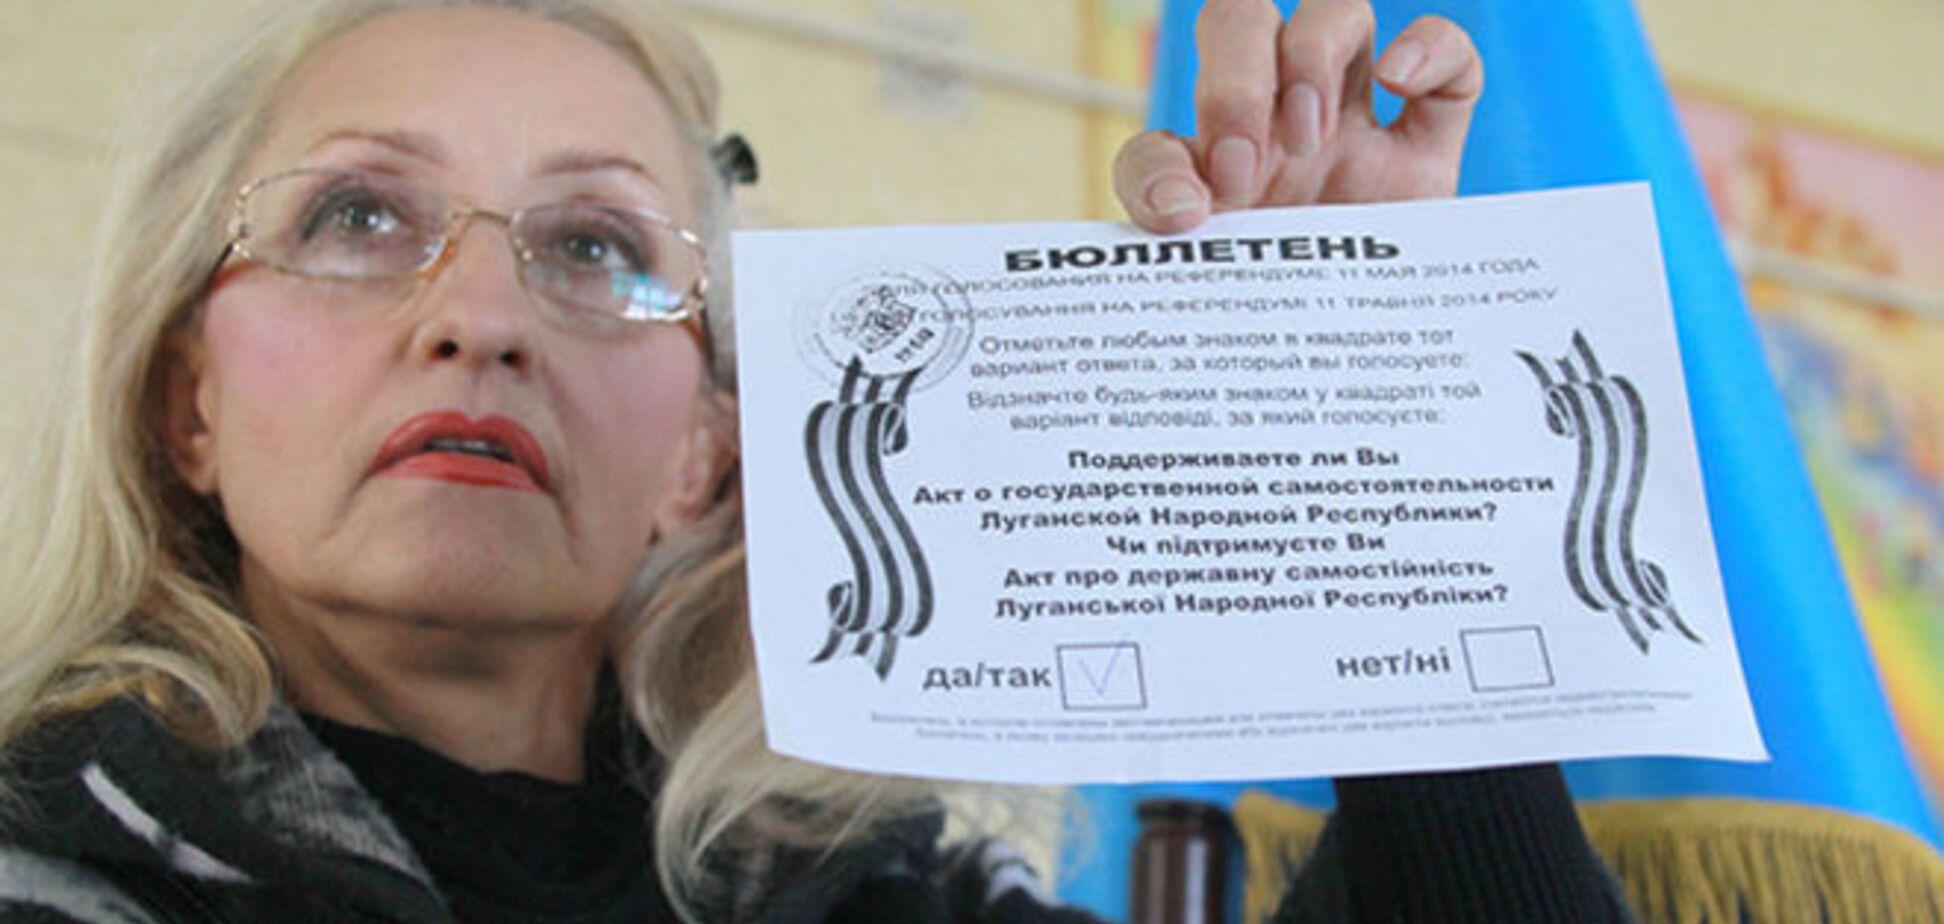 Дугін розповів, чому Кремль не визнав 'референдум' на Донбасі